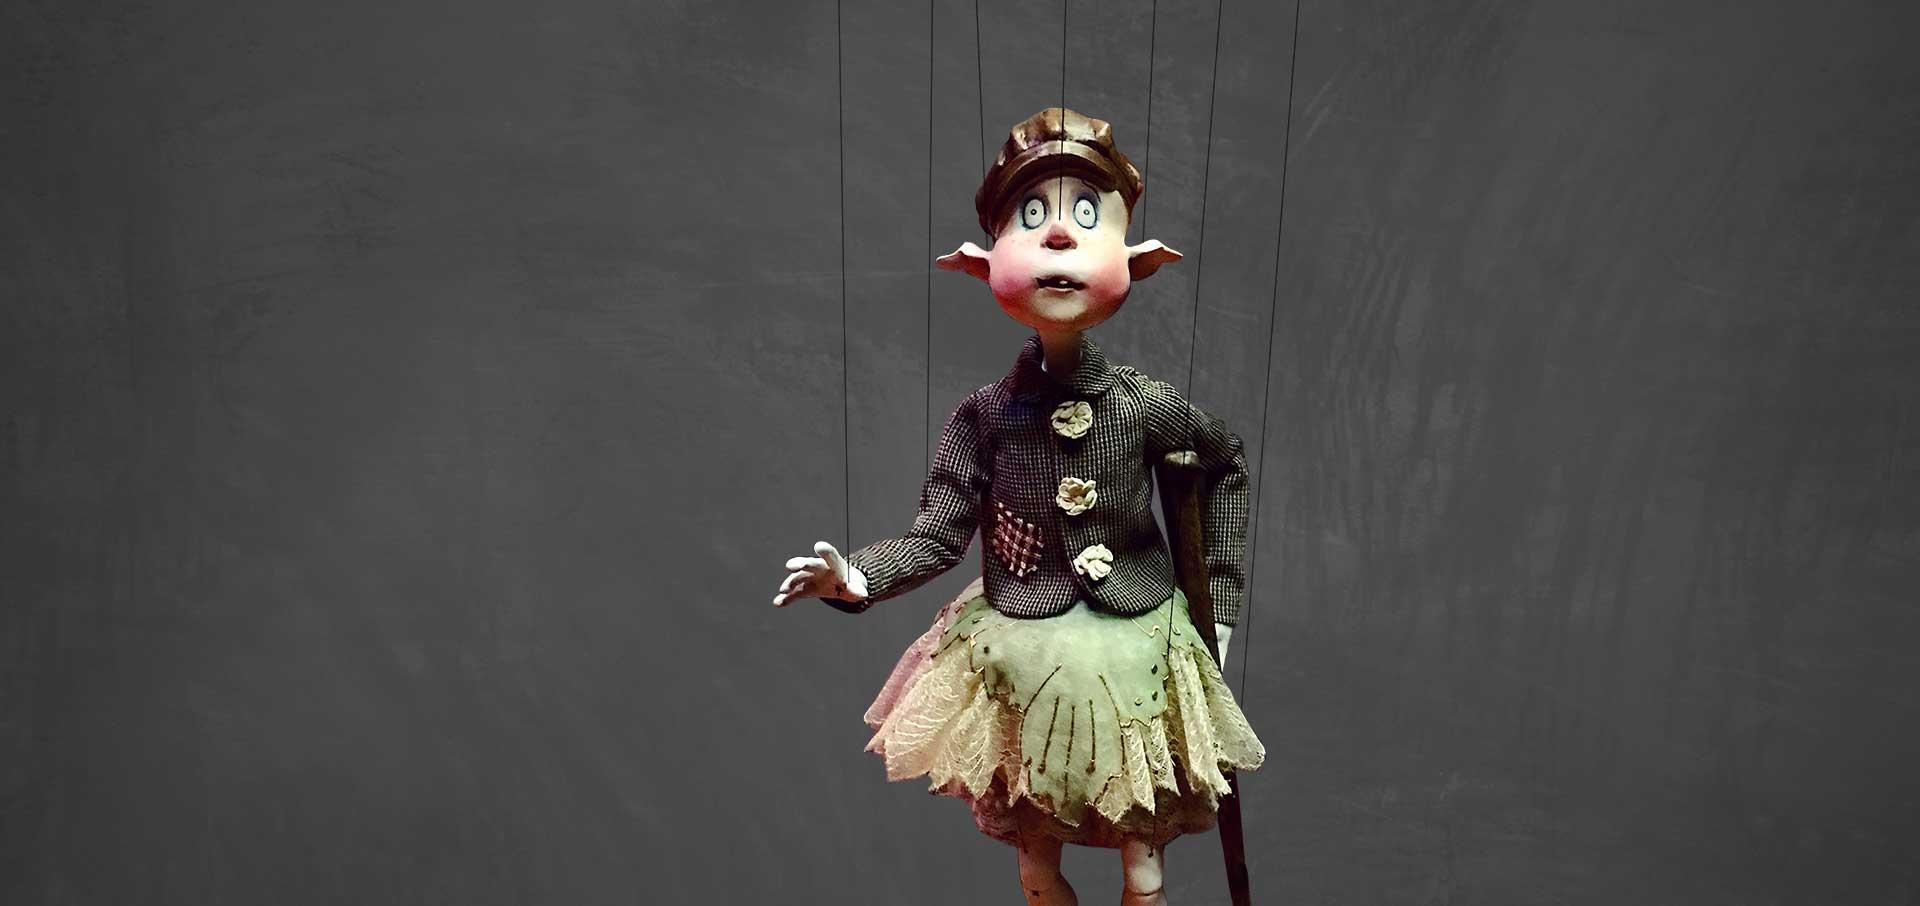 Schnitzel marionette